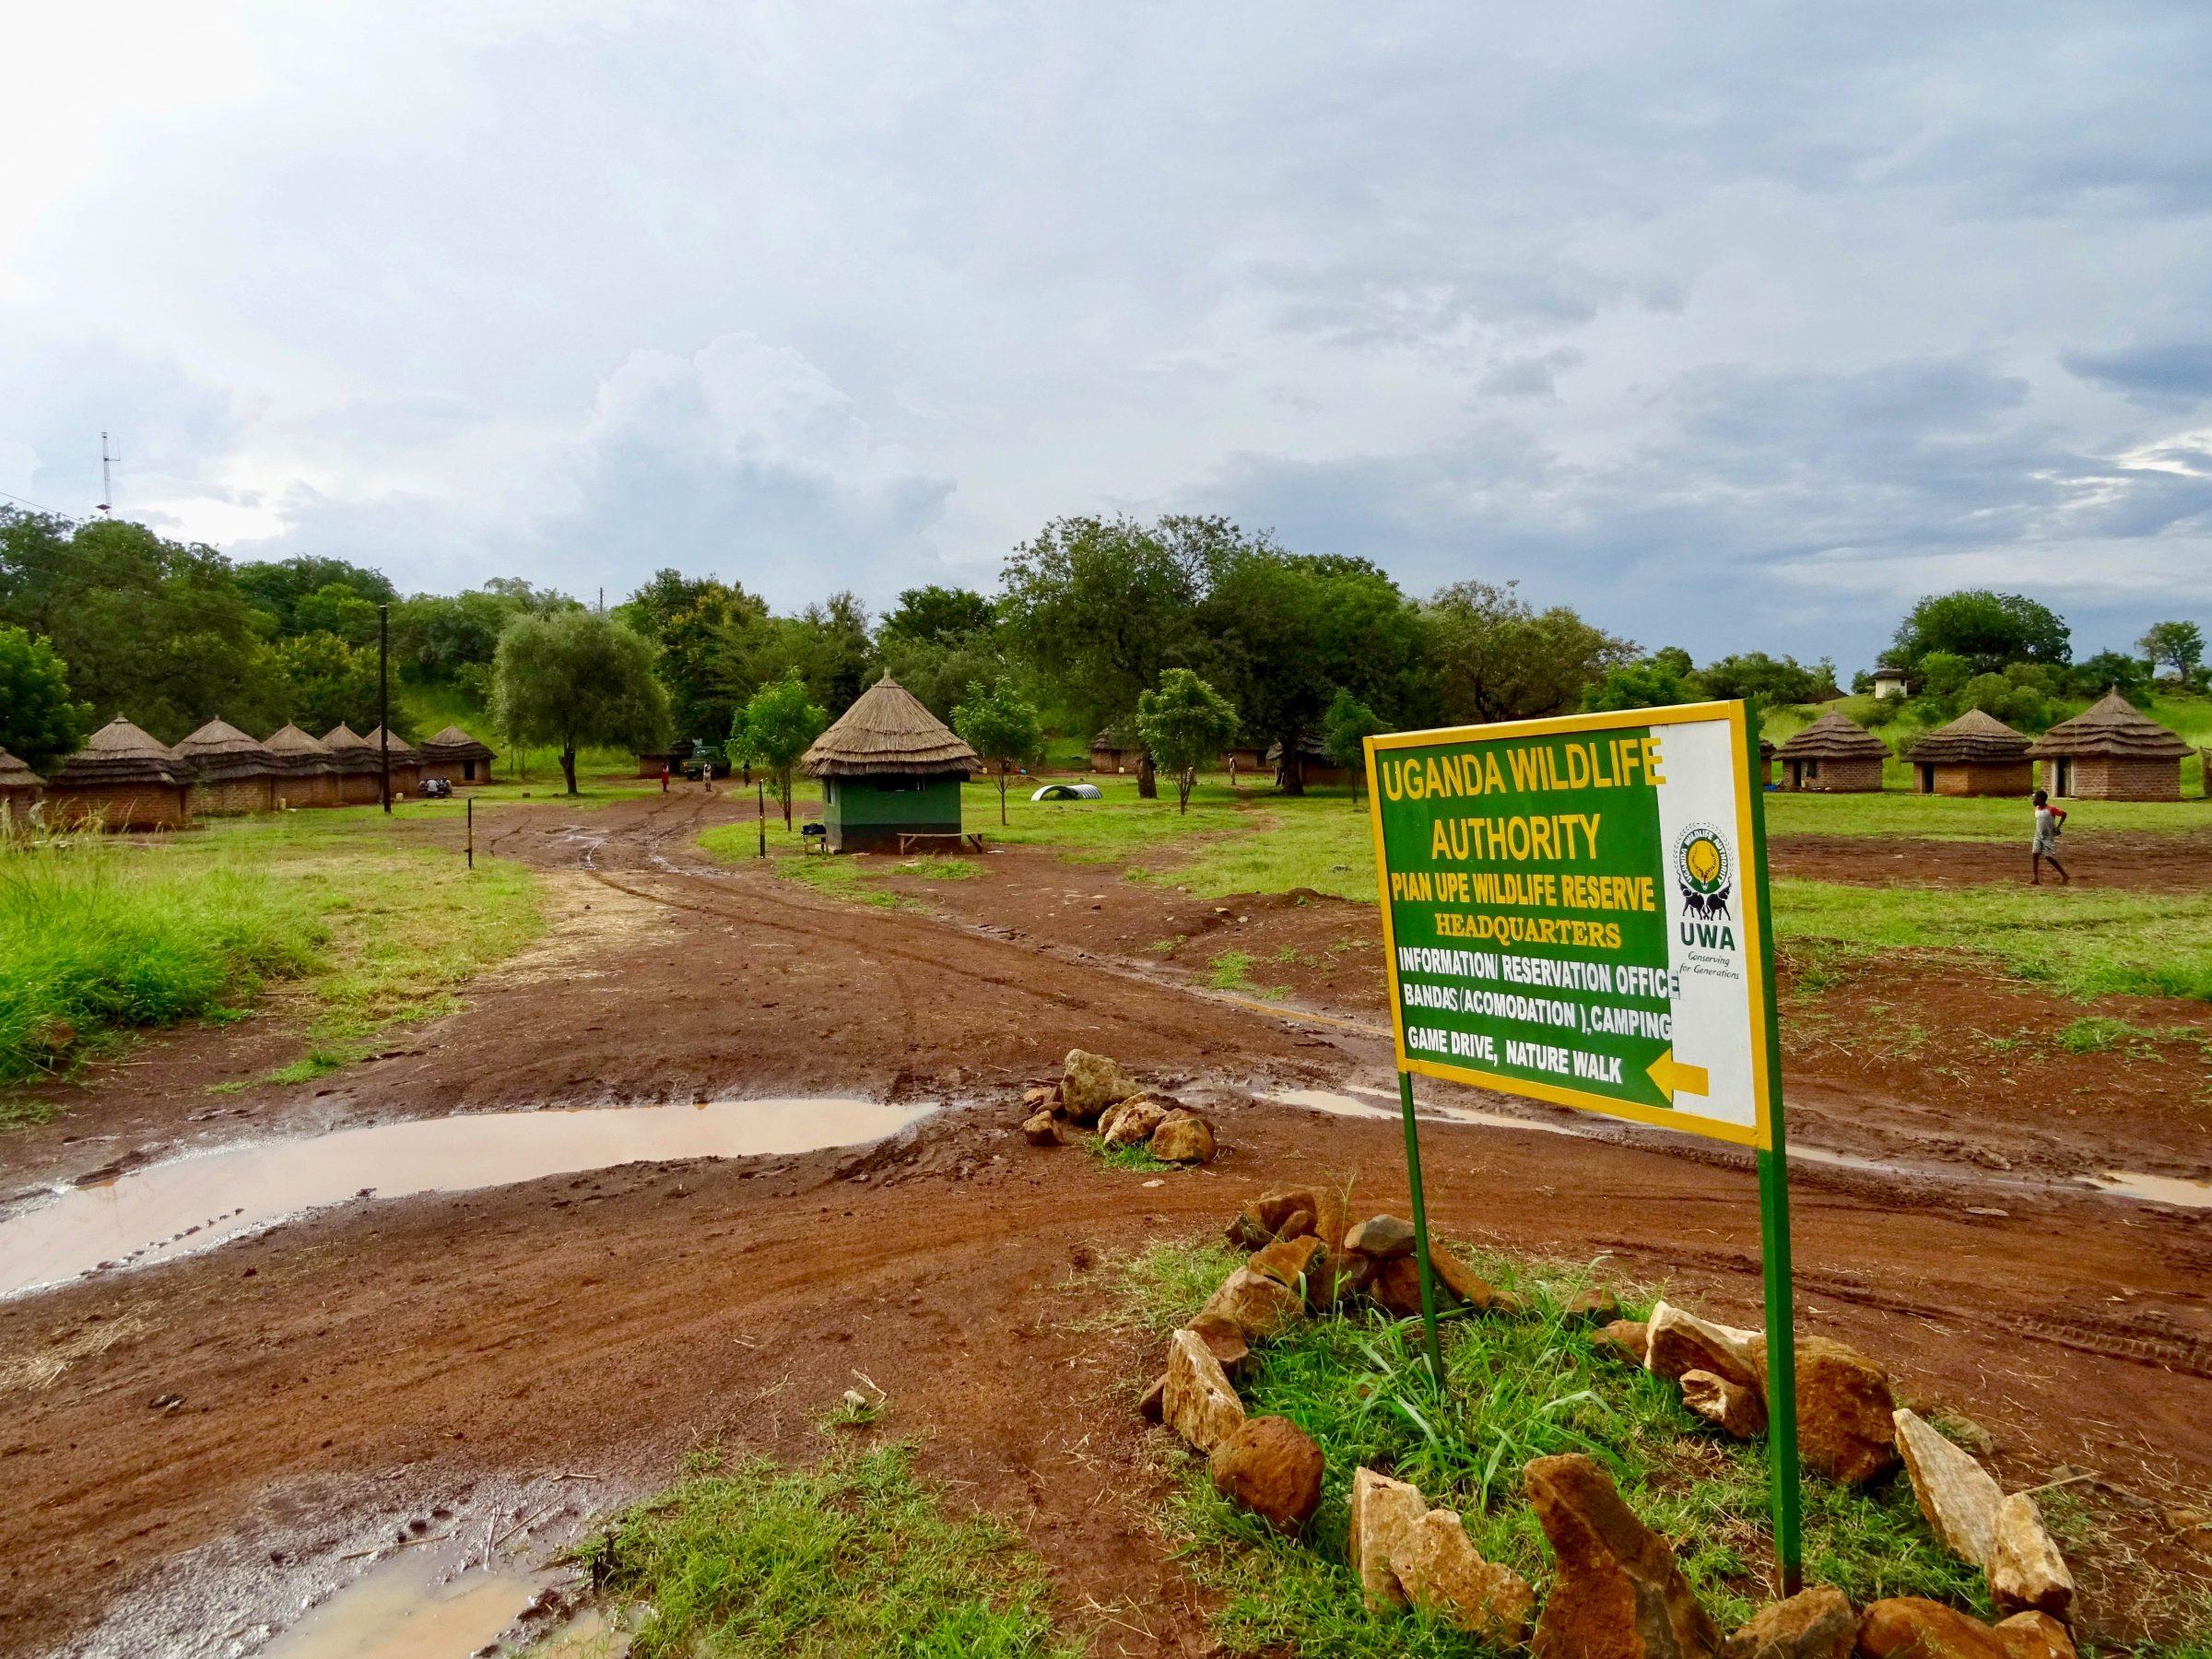 De ingang naar het restcamp van Pian Upe Wildlife Reserve